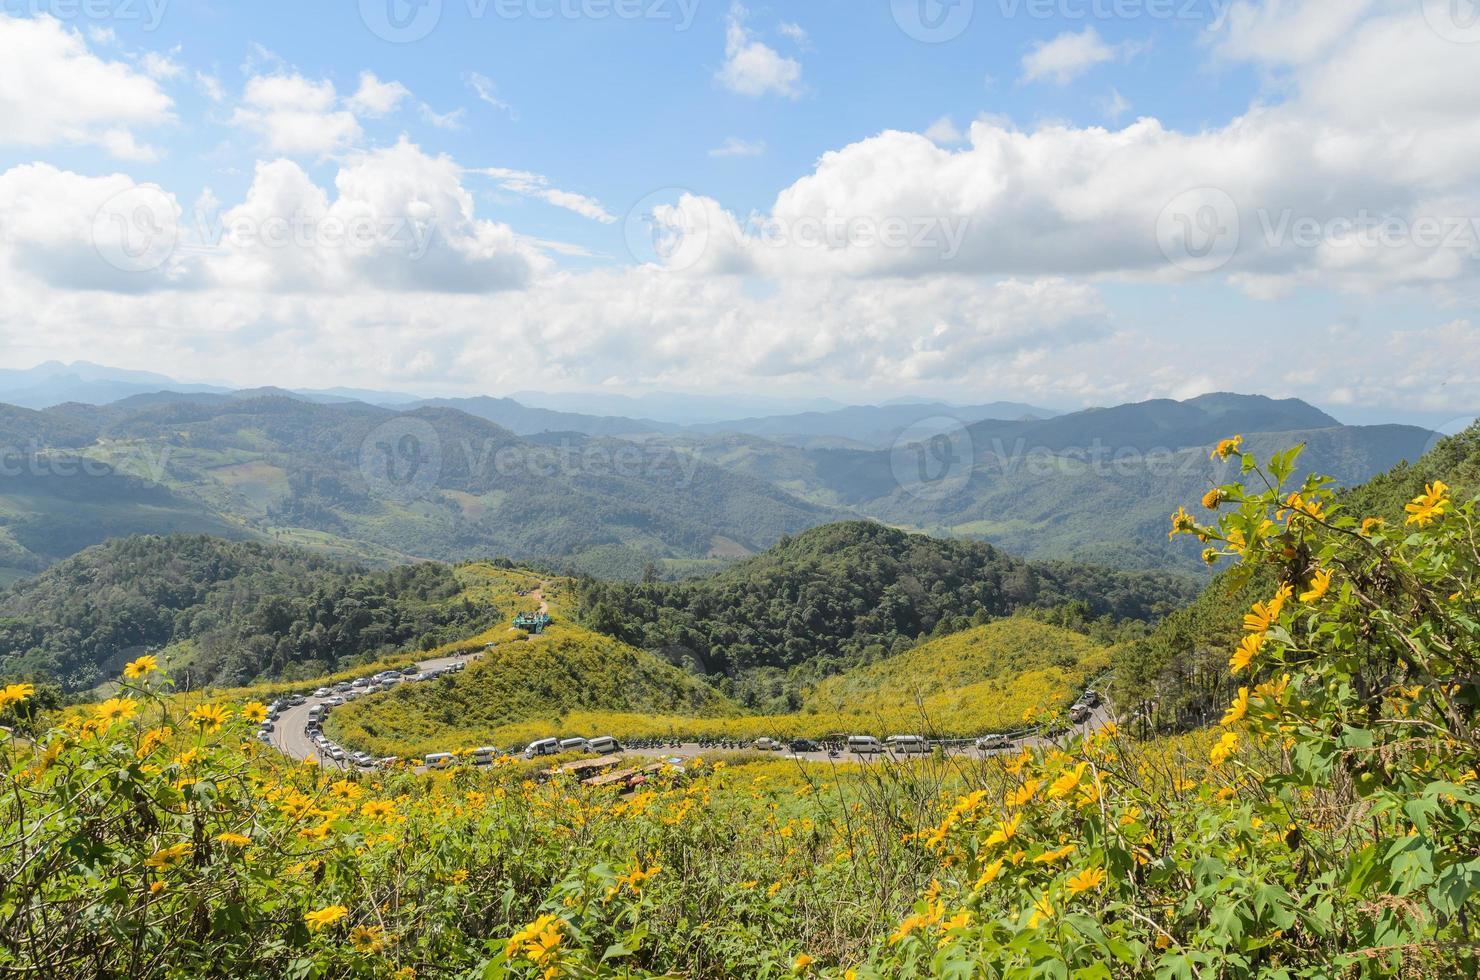 mexikanischer Sonnenblumenberg foto